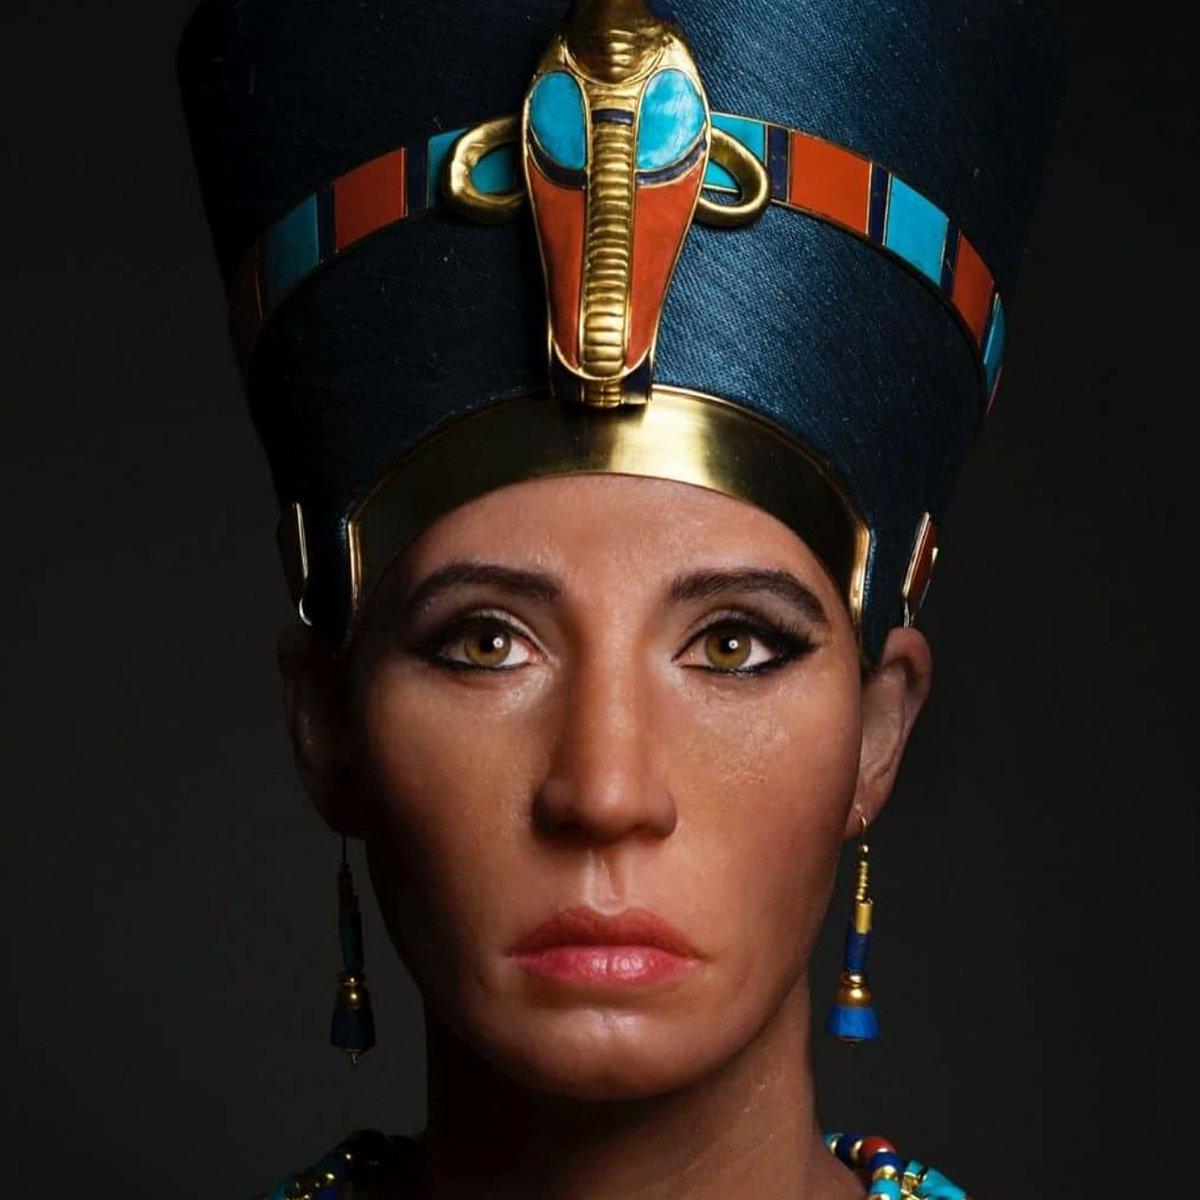 древние египтяне раса фото клубники сахаром